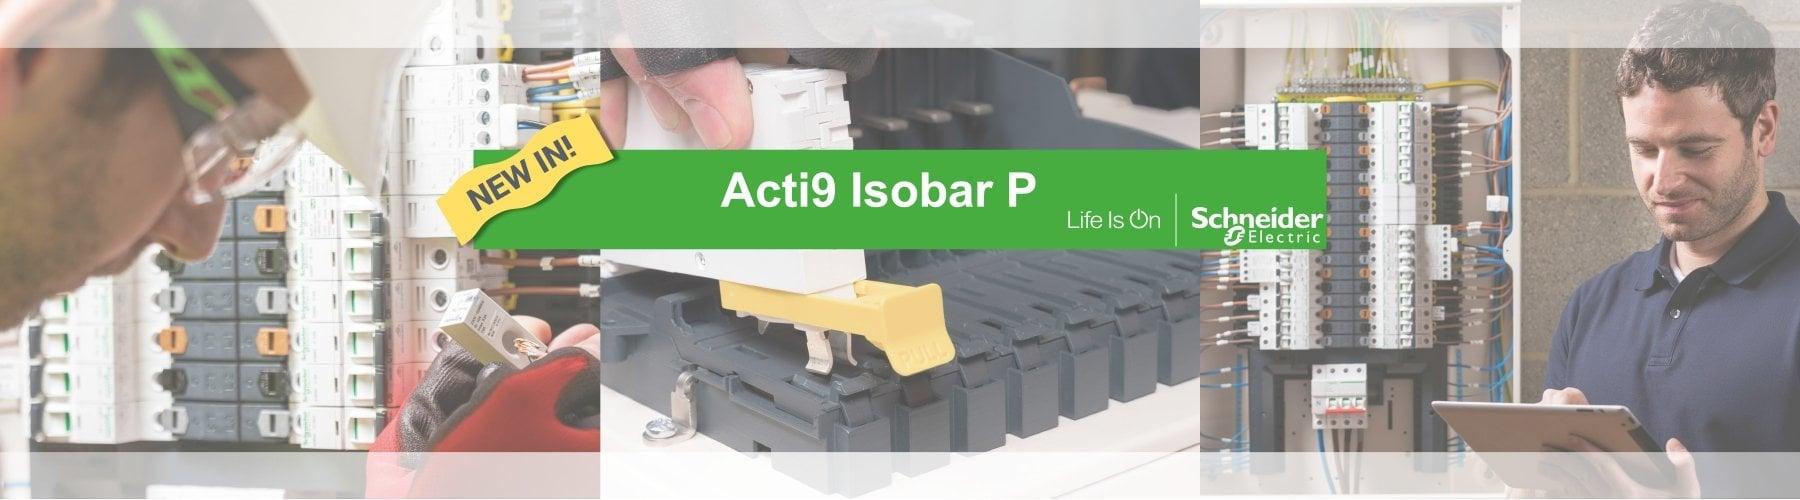 Schneider Isobar P banner